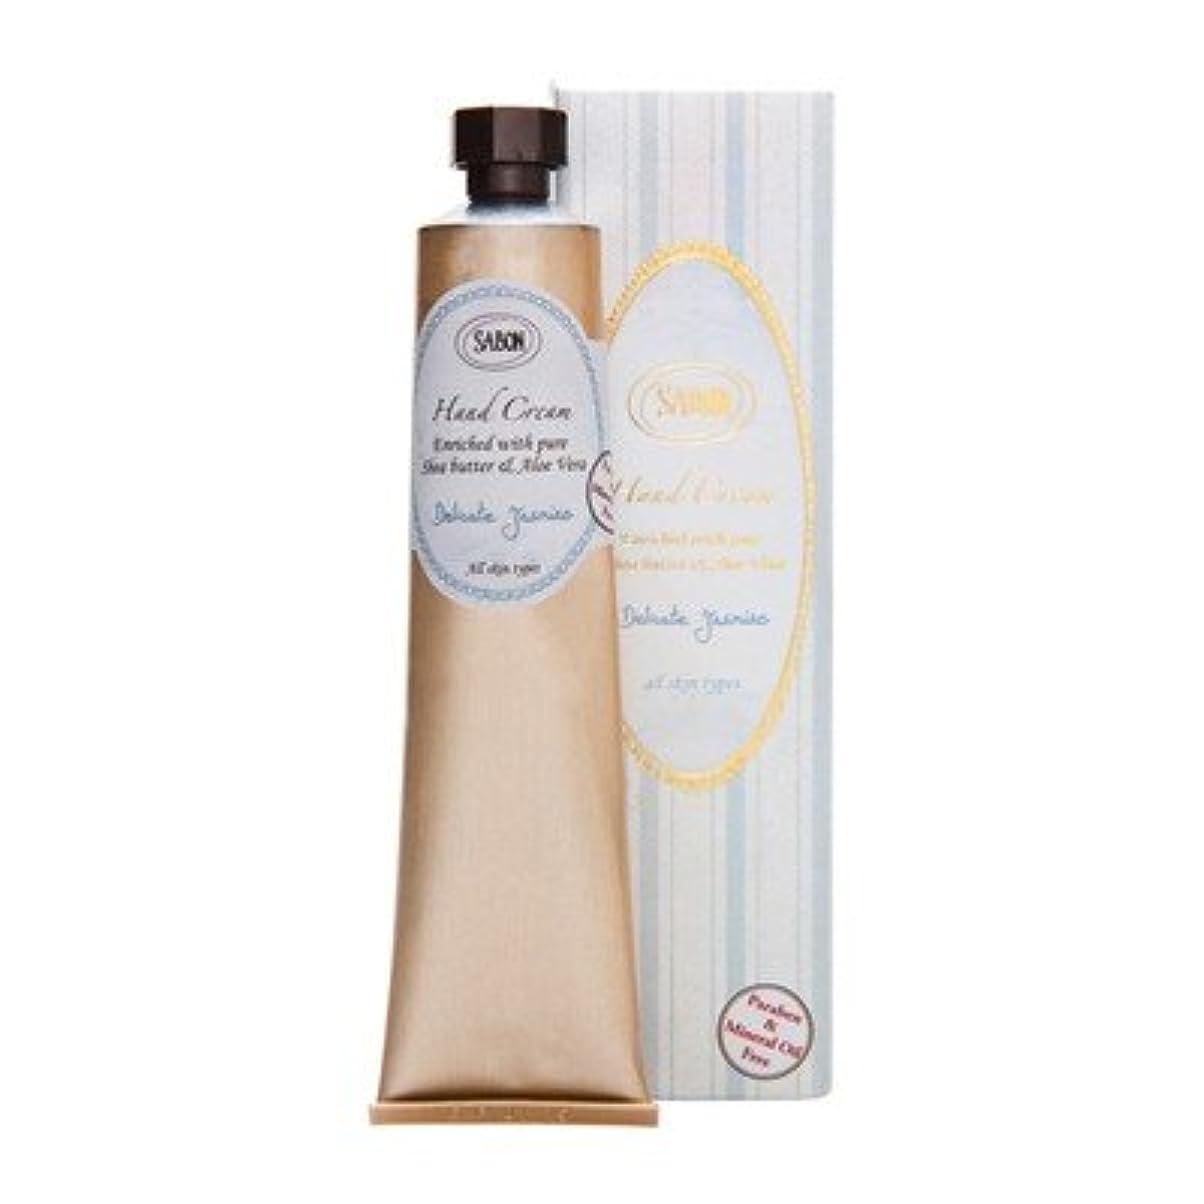 開発原稿歯痛【SABON(サボン)】ハンド クリーム デリケート ジャスミン Hand Cream Delicate Jasmine